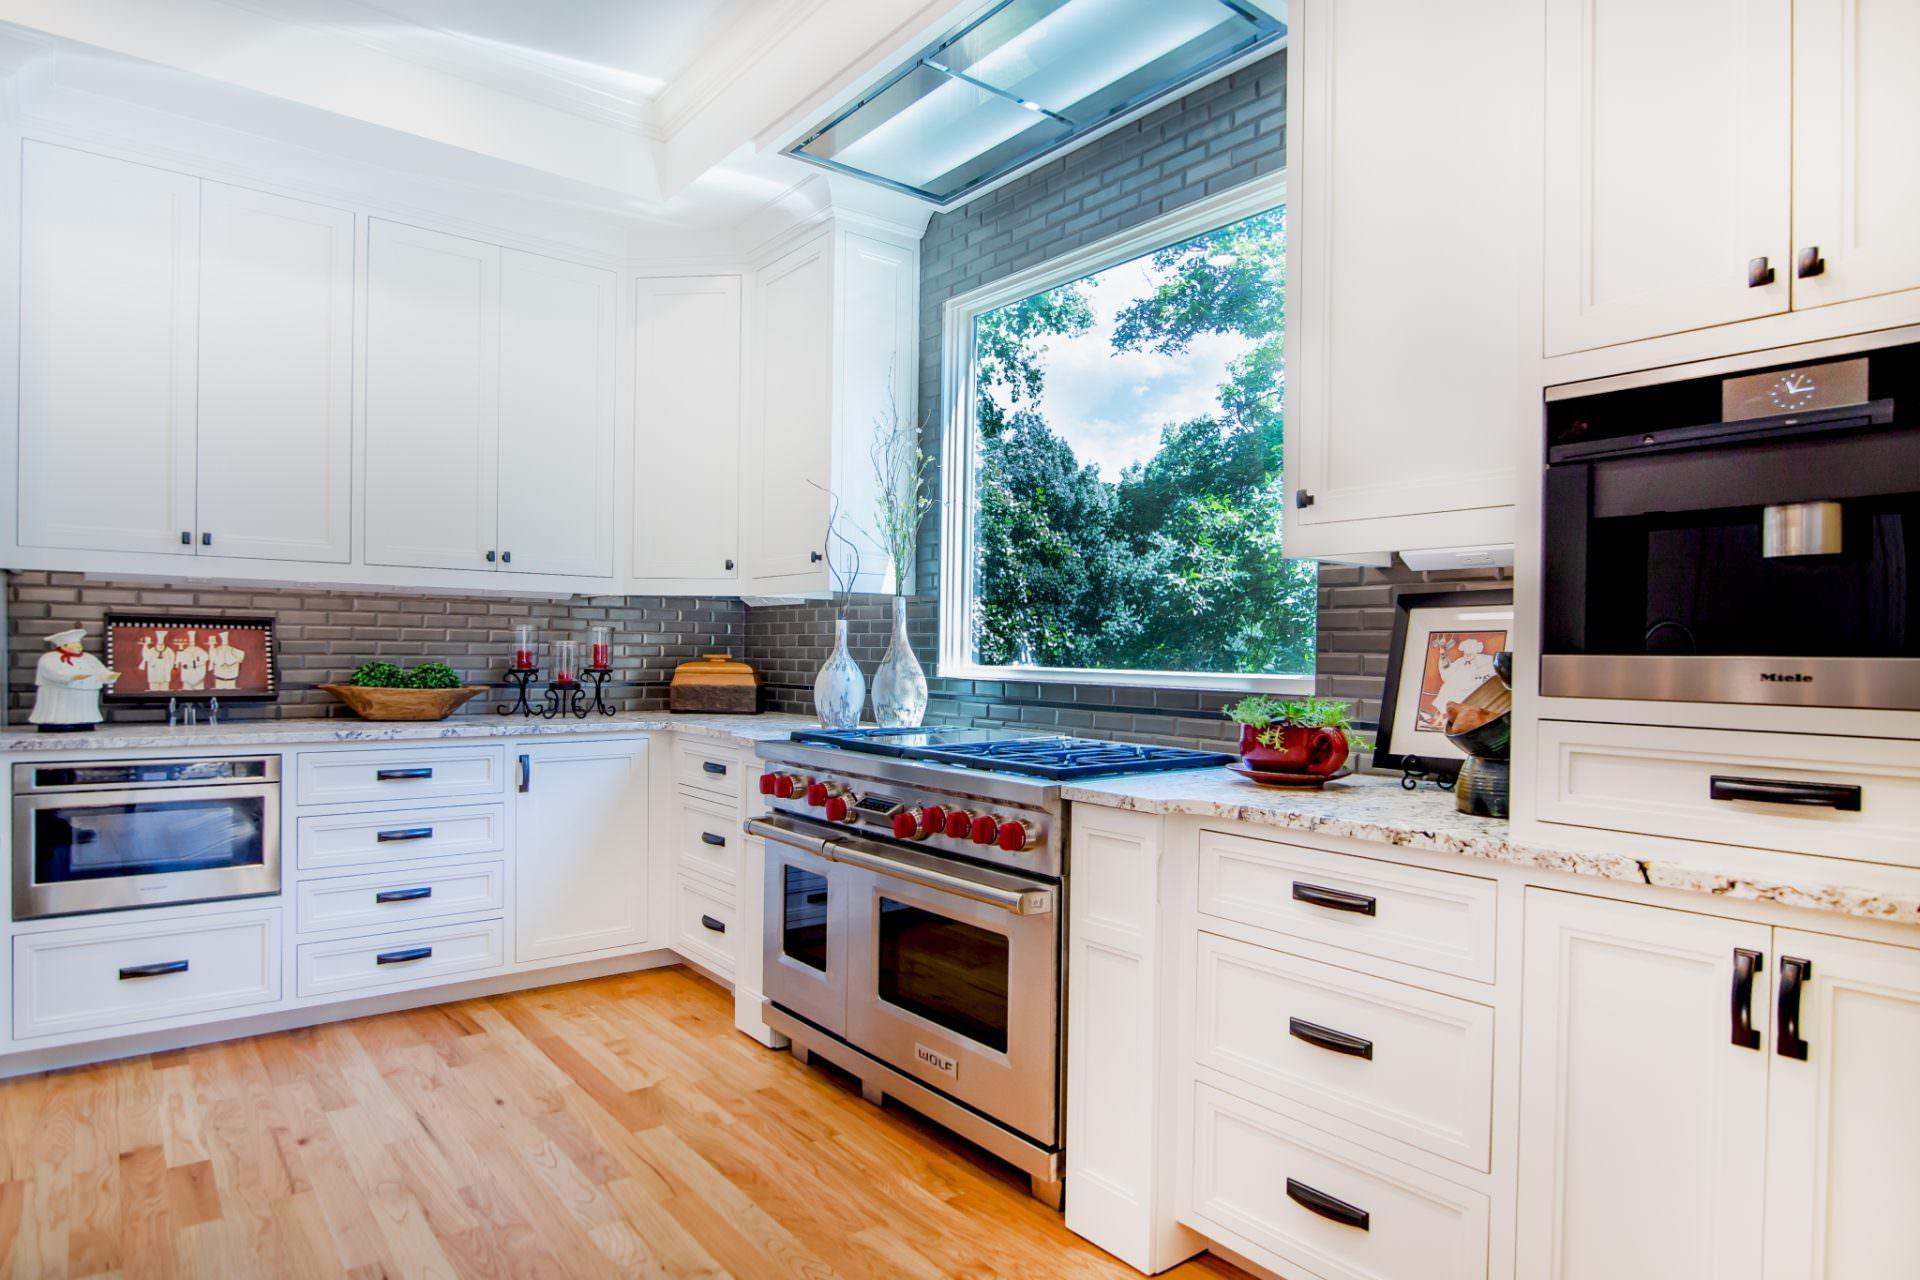 Kitchen Remodel gets Inset Cabinetry | Greenbrook Design Center